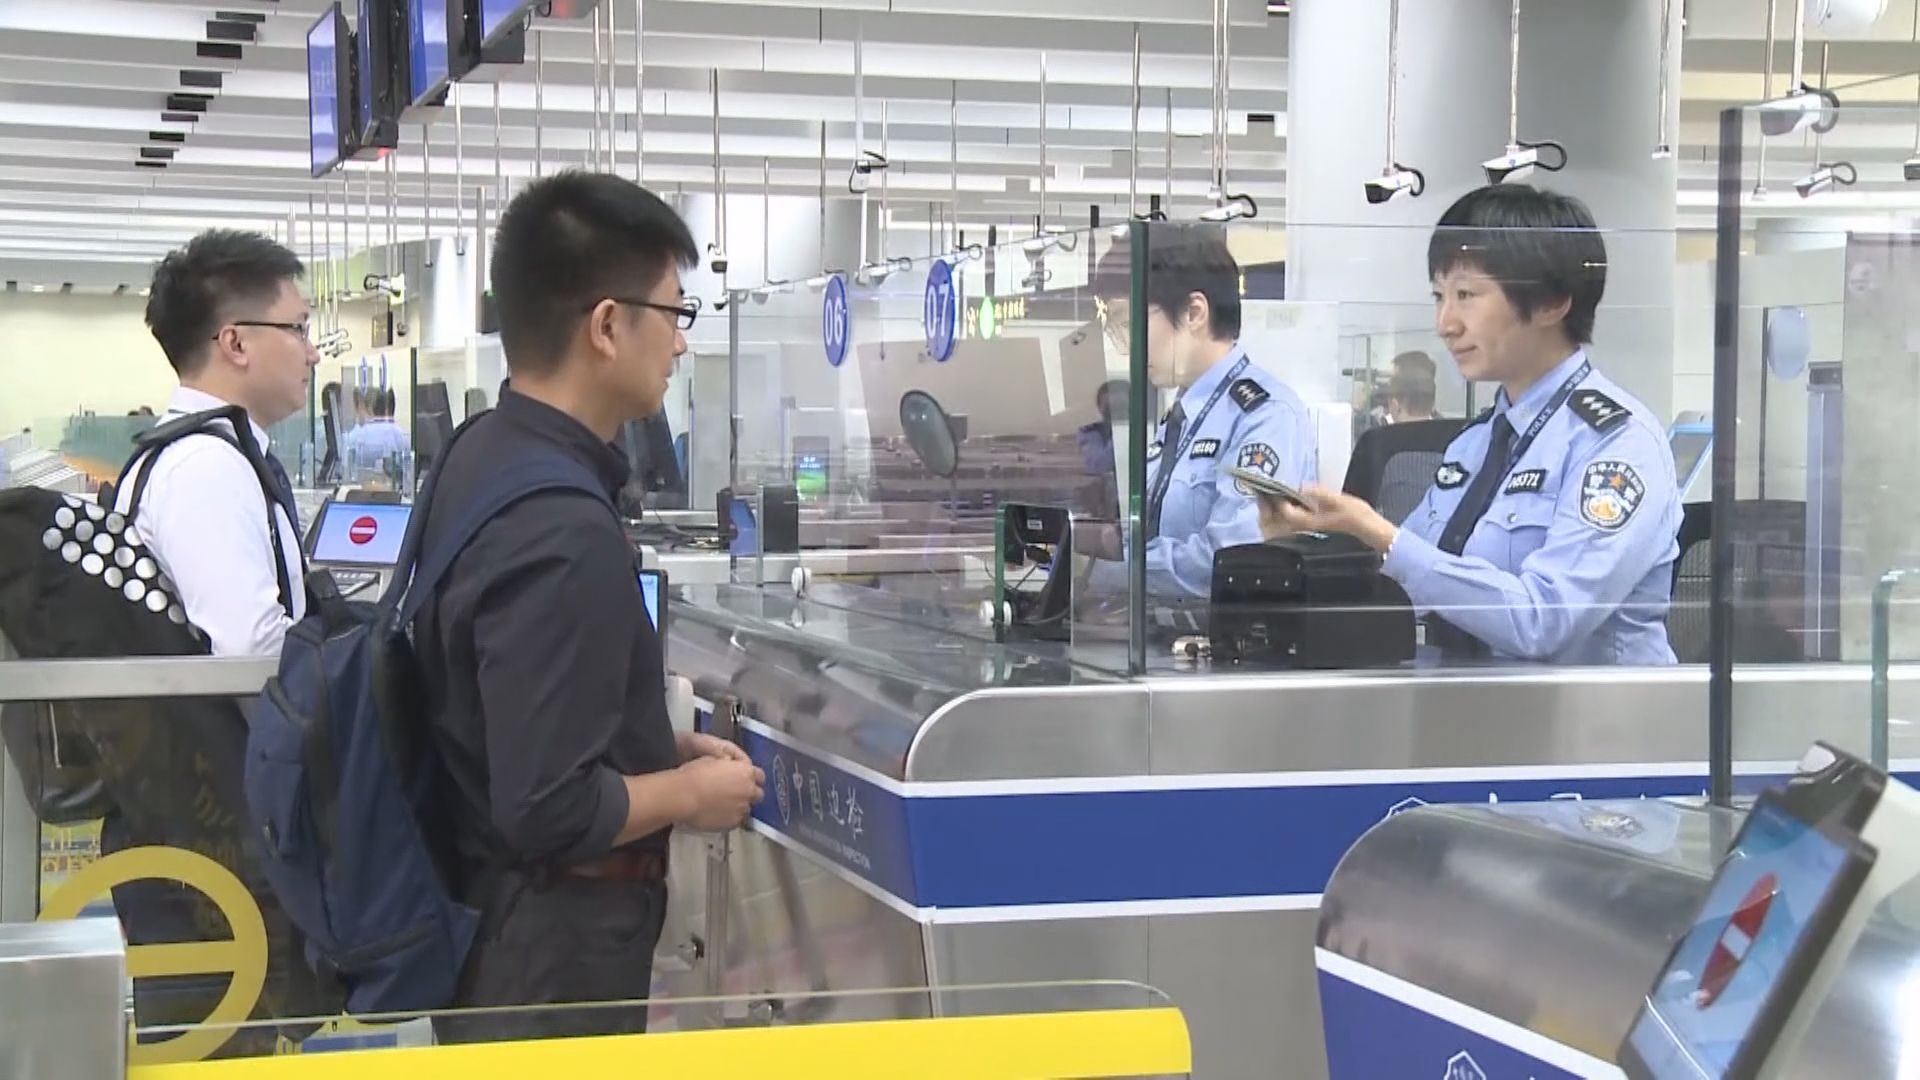 運輸署:會監察西九龍站及附近交通情況